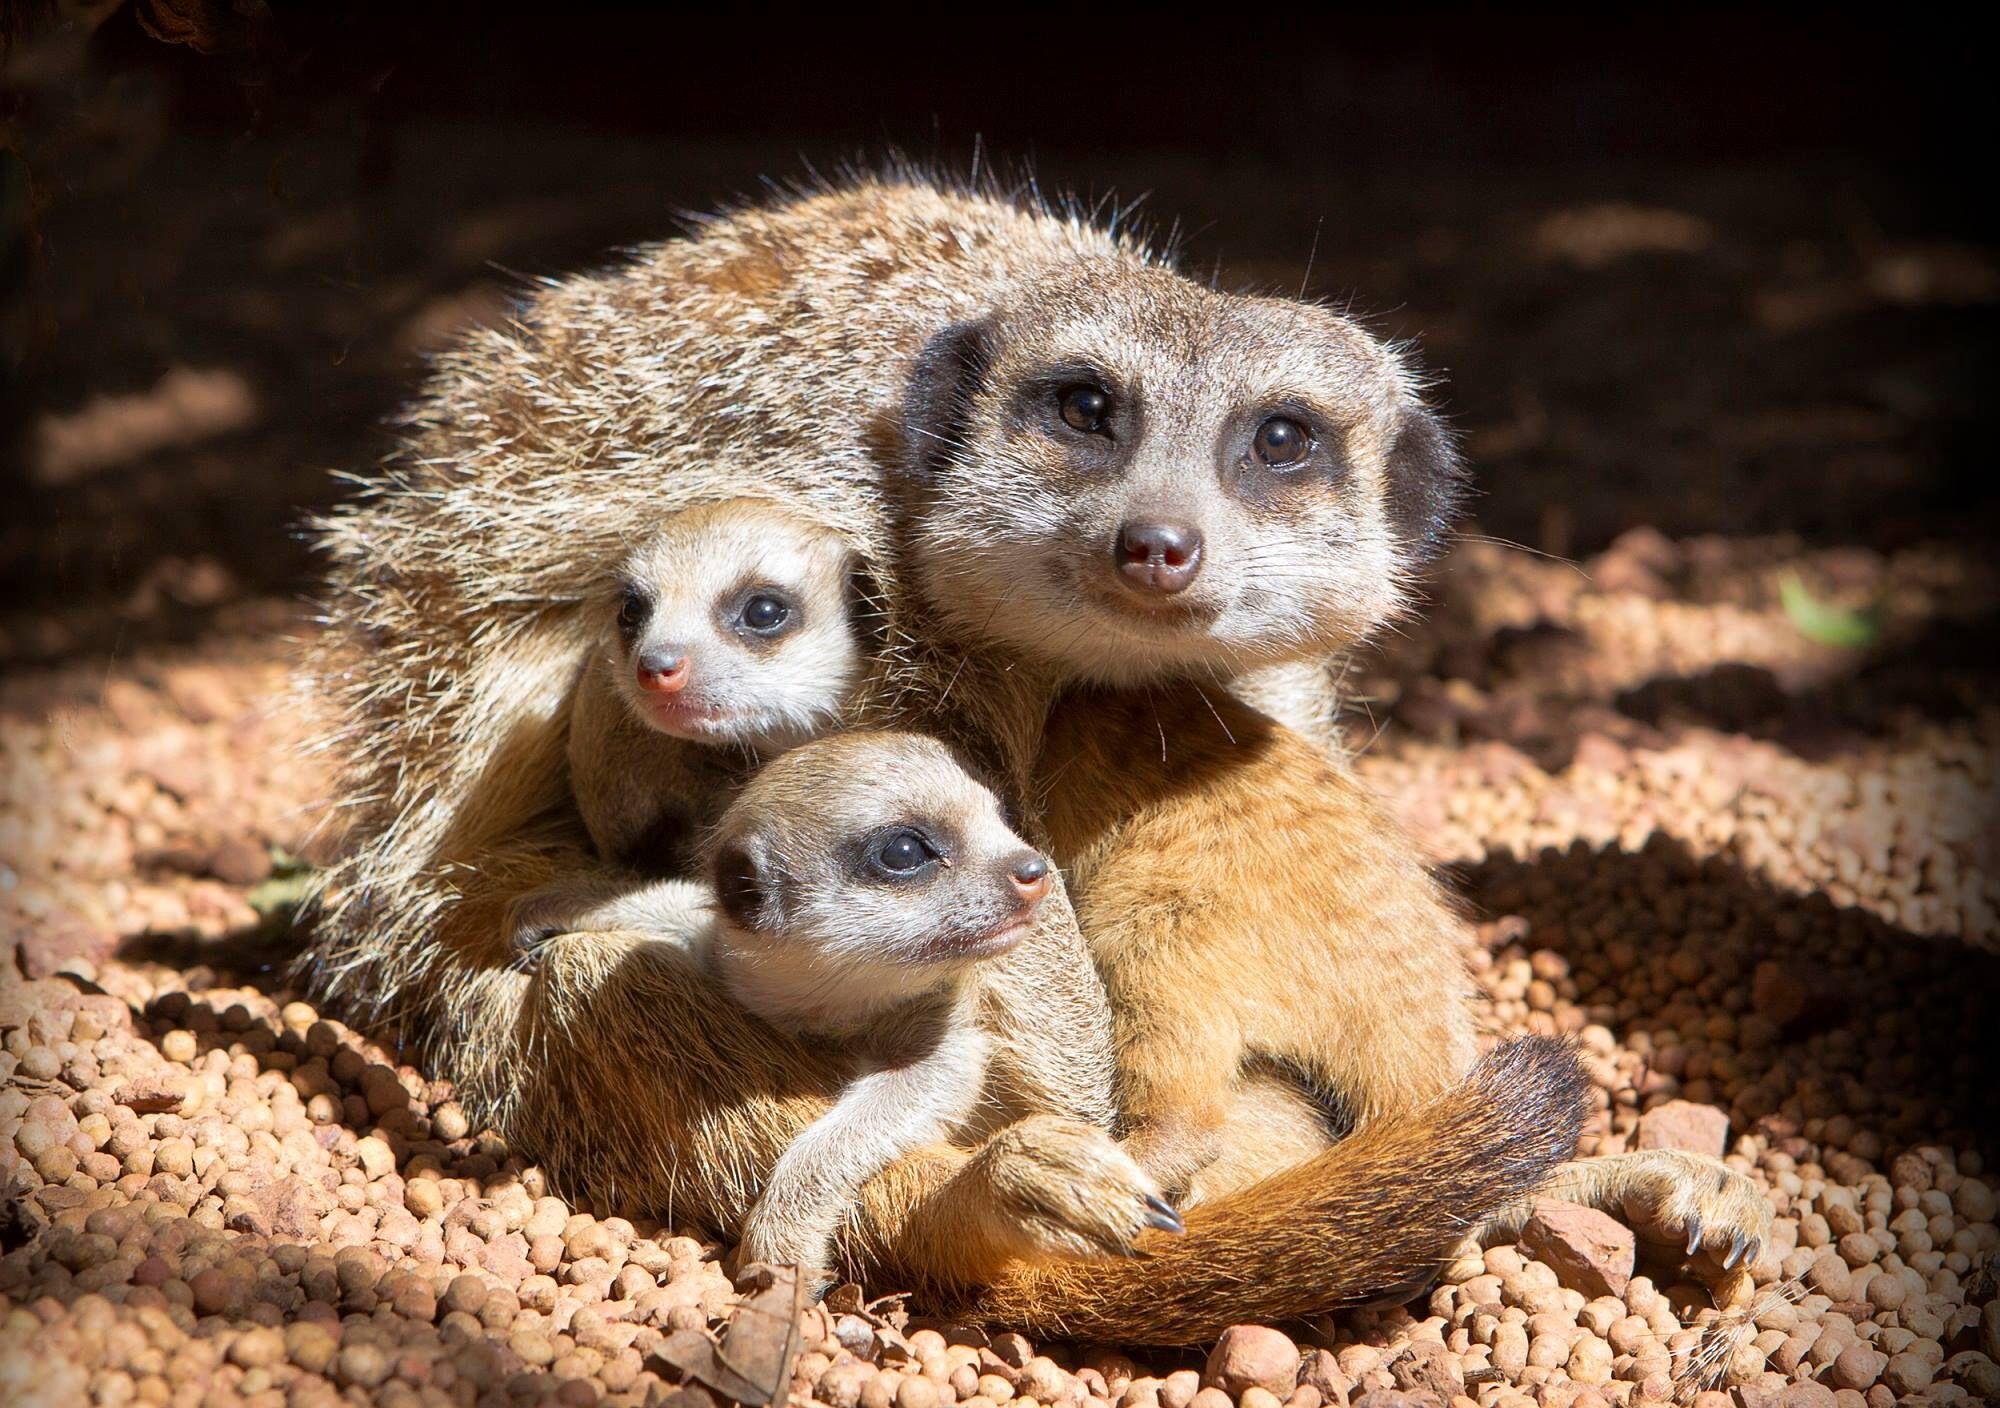 Meercat love (With images) Zooborns, Meerkat, Zoo babies